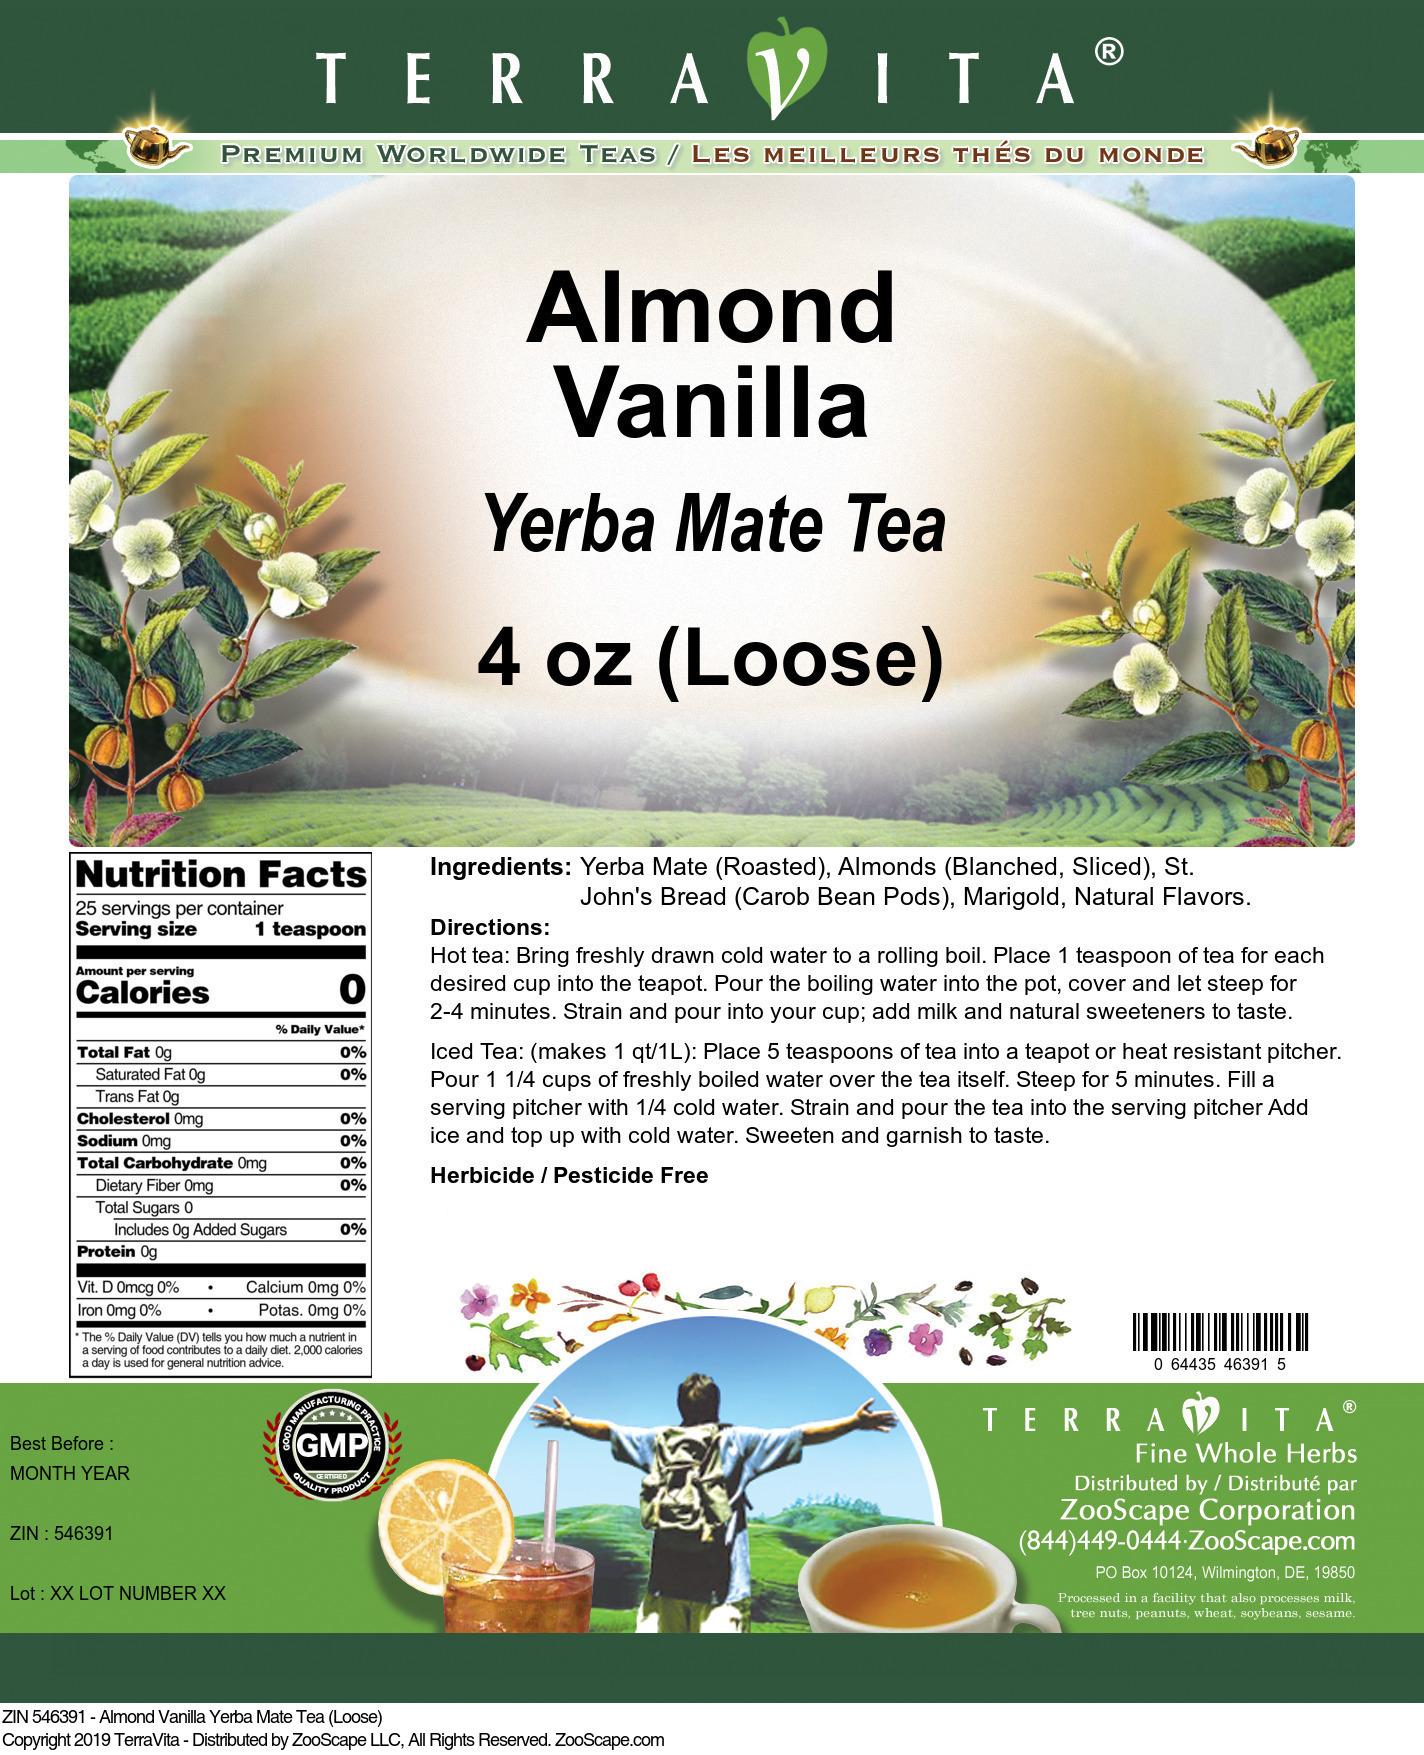 Almond Vanilla Yerba Mate Tea (Loose)